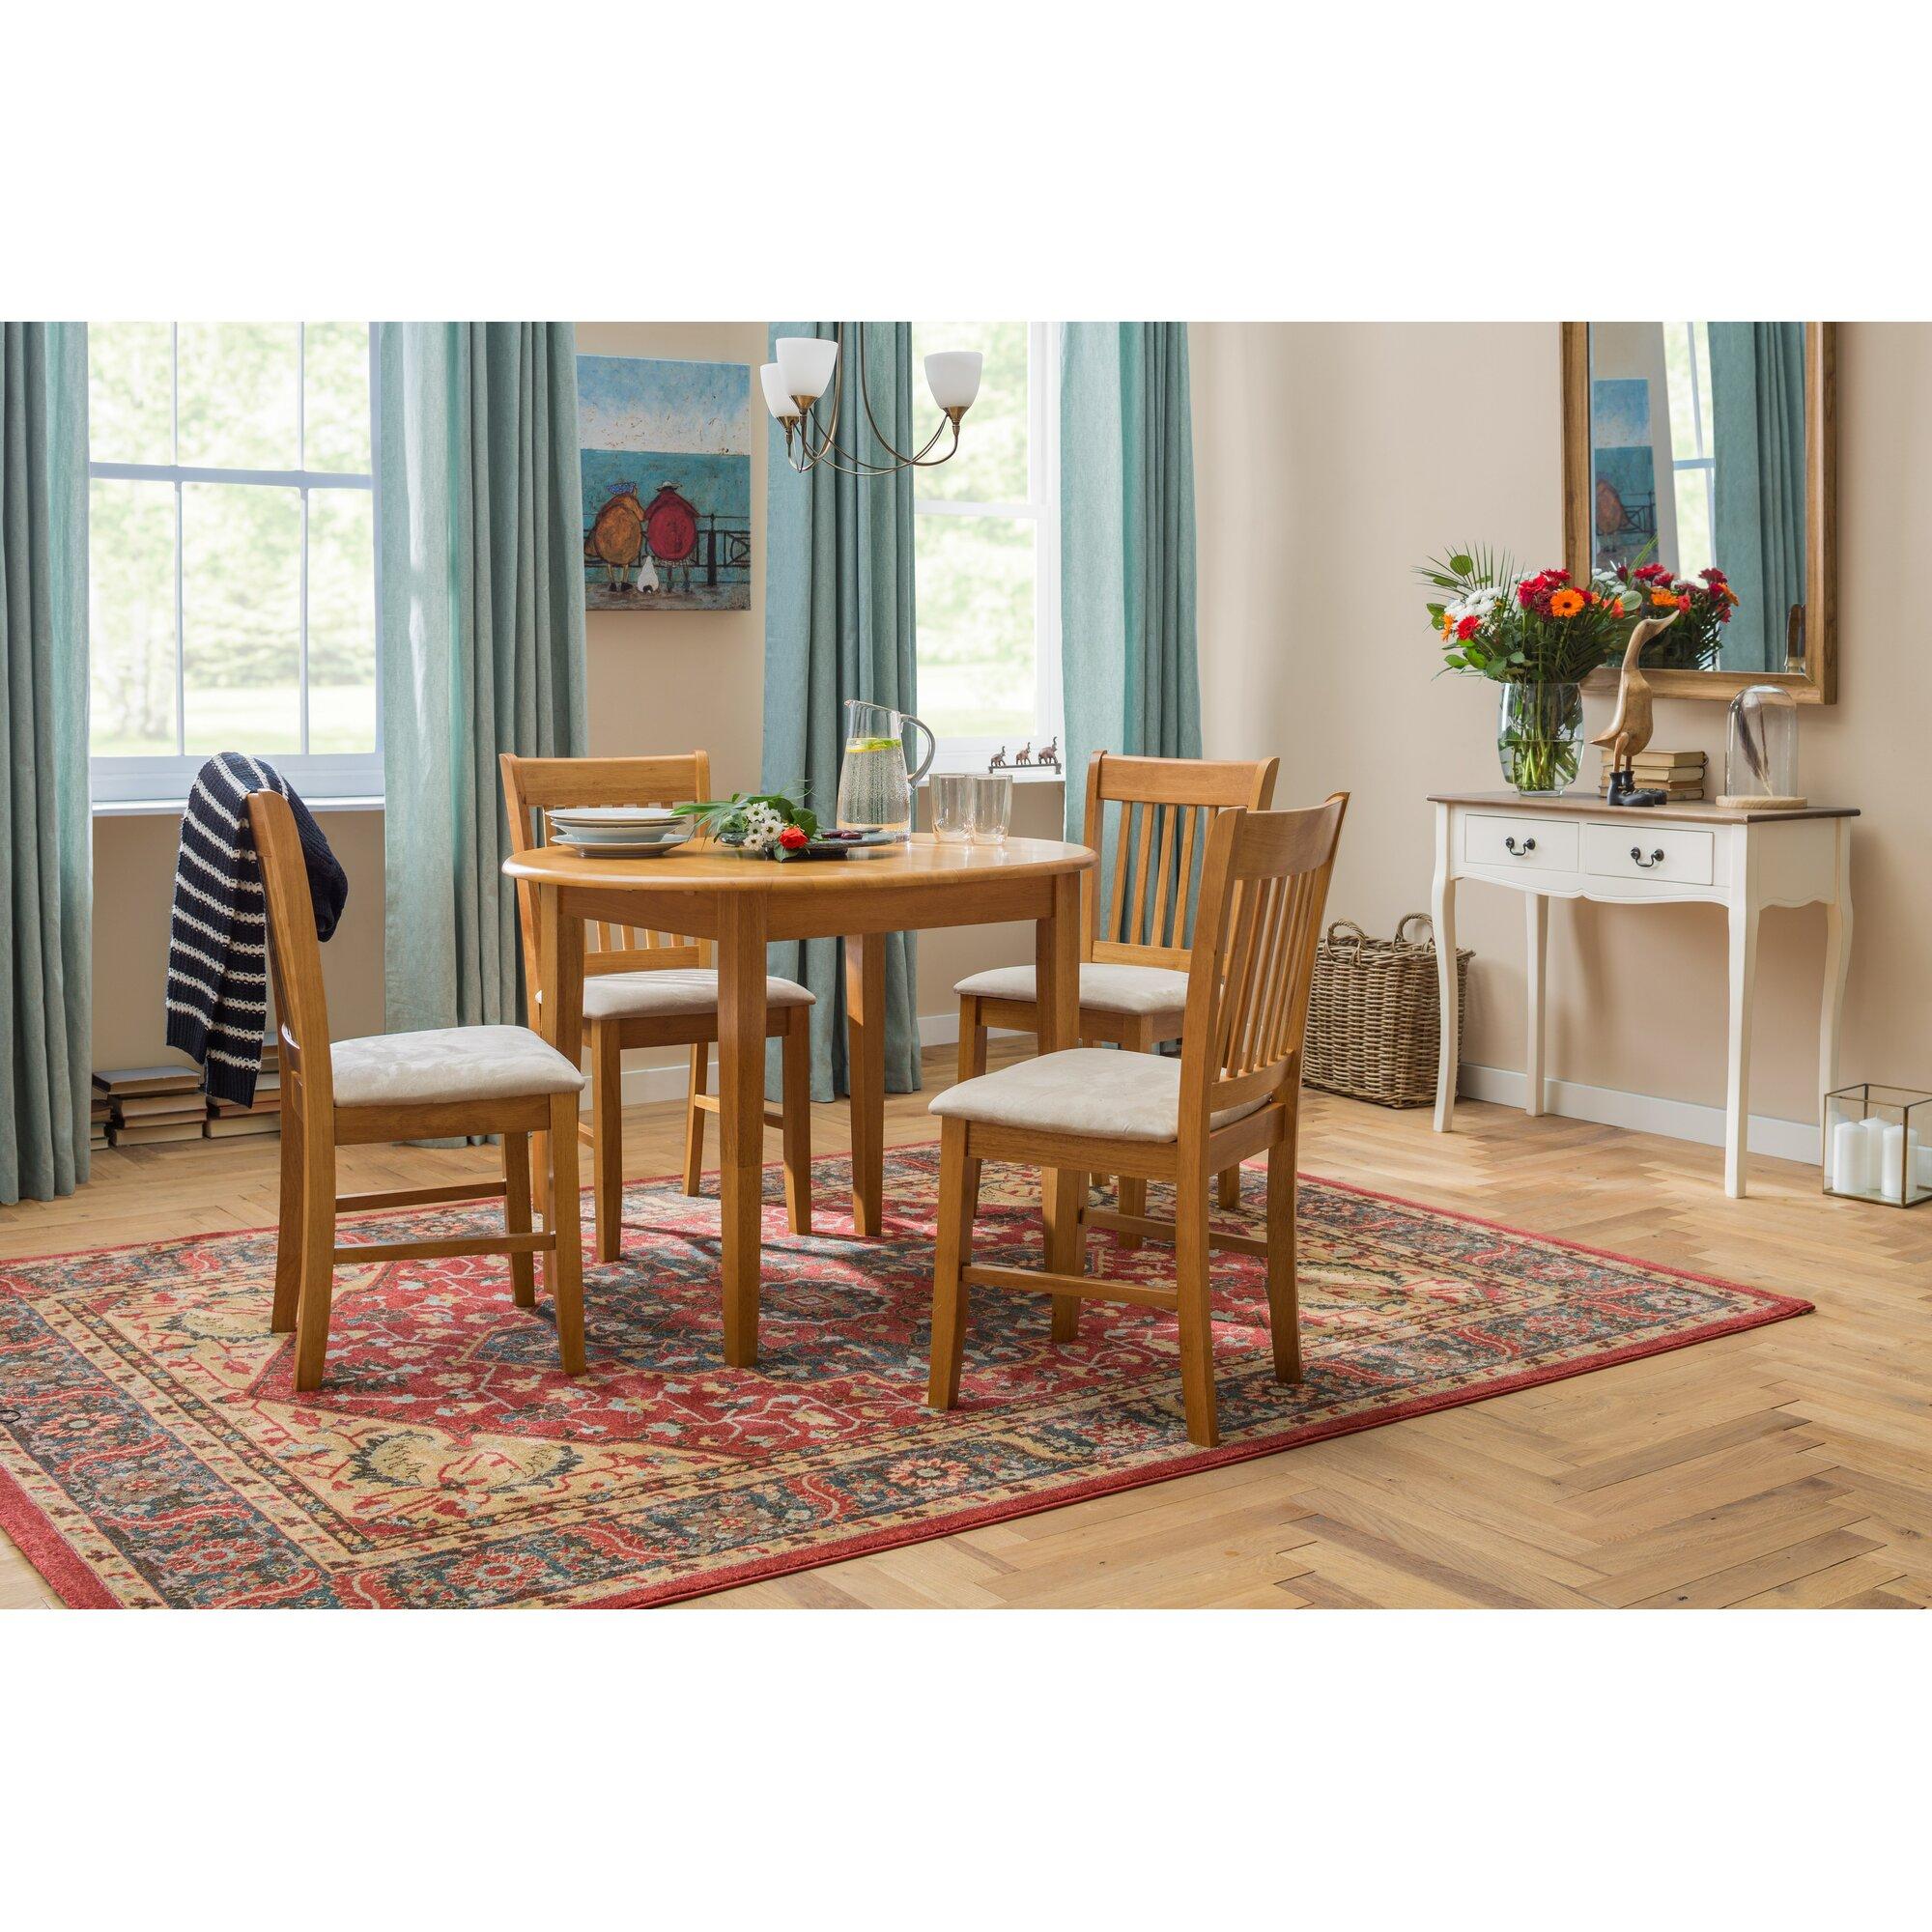 classicliving essgruppe lincklaen mit ausziehbarem tisch und 4 st hlen bewertungen. Black Bedroom Furniture Sets. Home Design Ideas